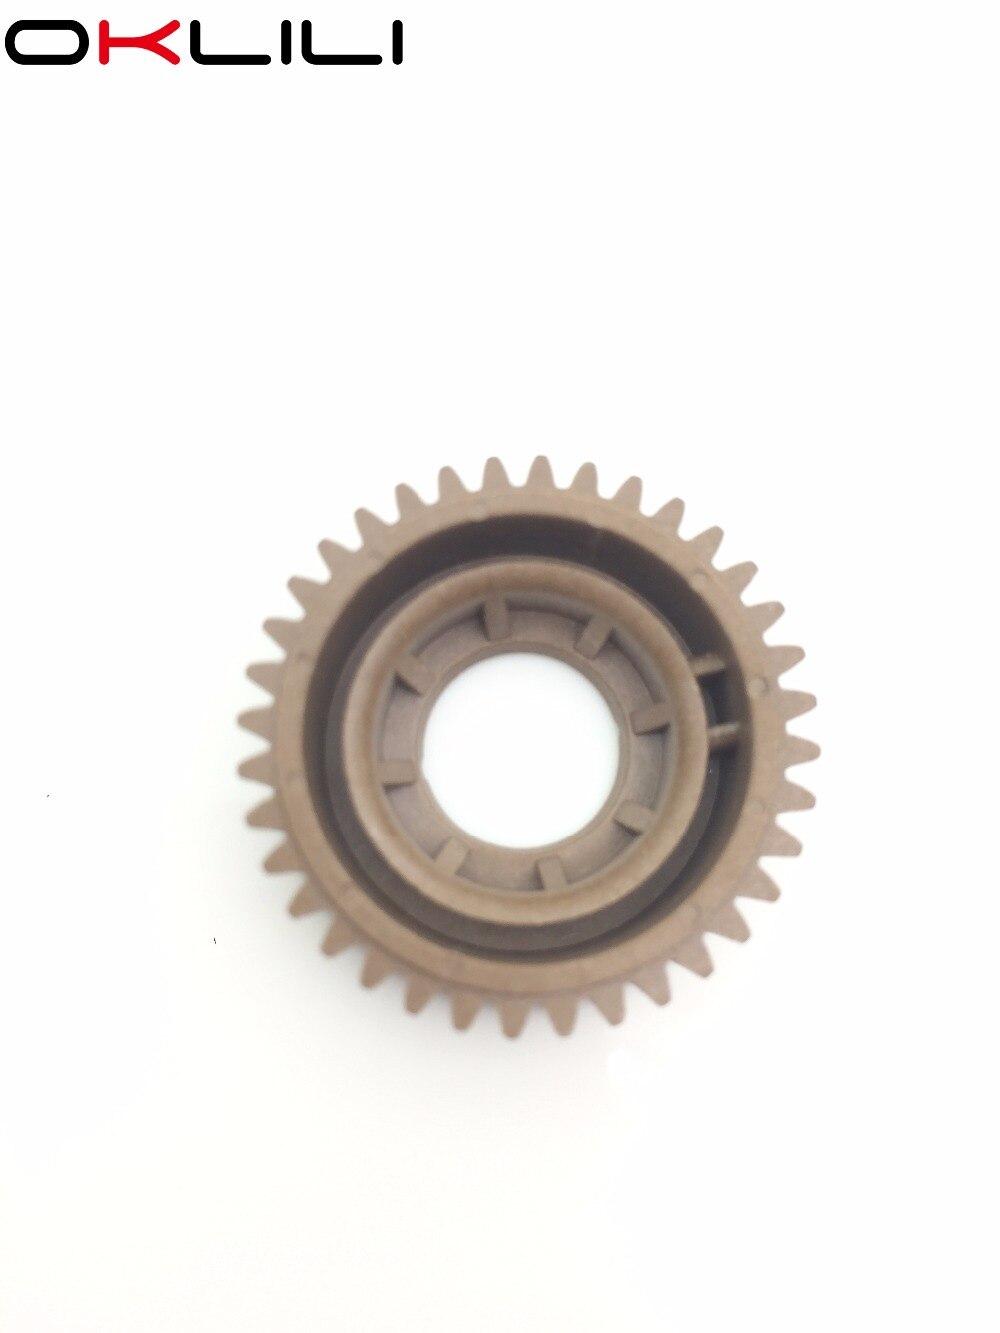 2BR20200 Upper Heat Roller Gear 36T for Kyocera FS1028 1128 1350 2000 2020 3900 3920 4000 4020 1800 1900 3800 6020 KM2810 KM2820 5 x brand new 2hs25260 302hs25260 2br20200 upper roller 36t for kyocera fs1028 fs1128mfp fs1100 fs1300 km2810 km2820mfp